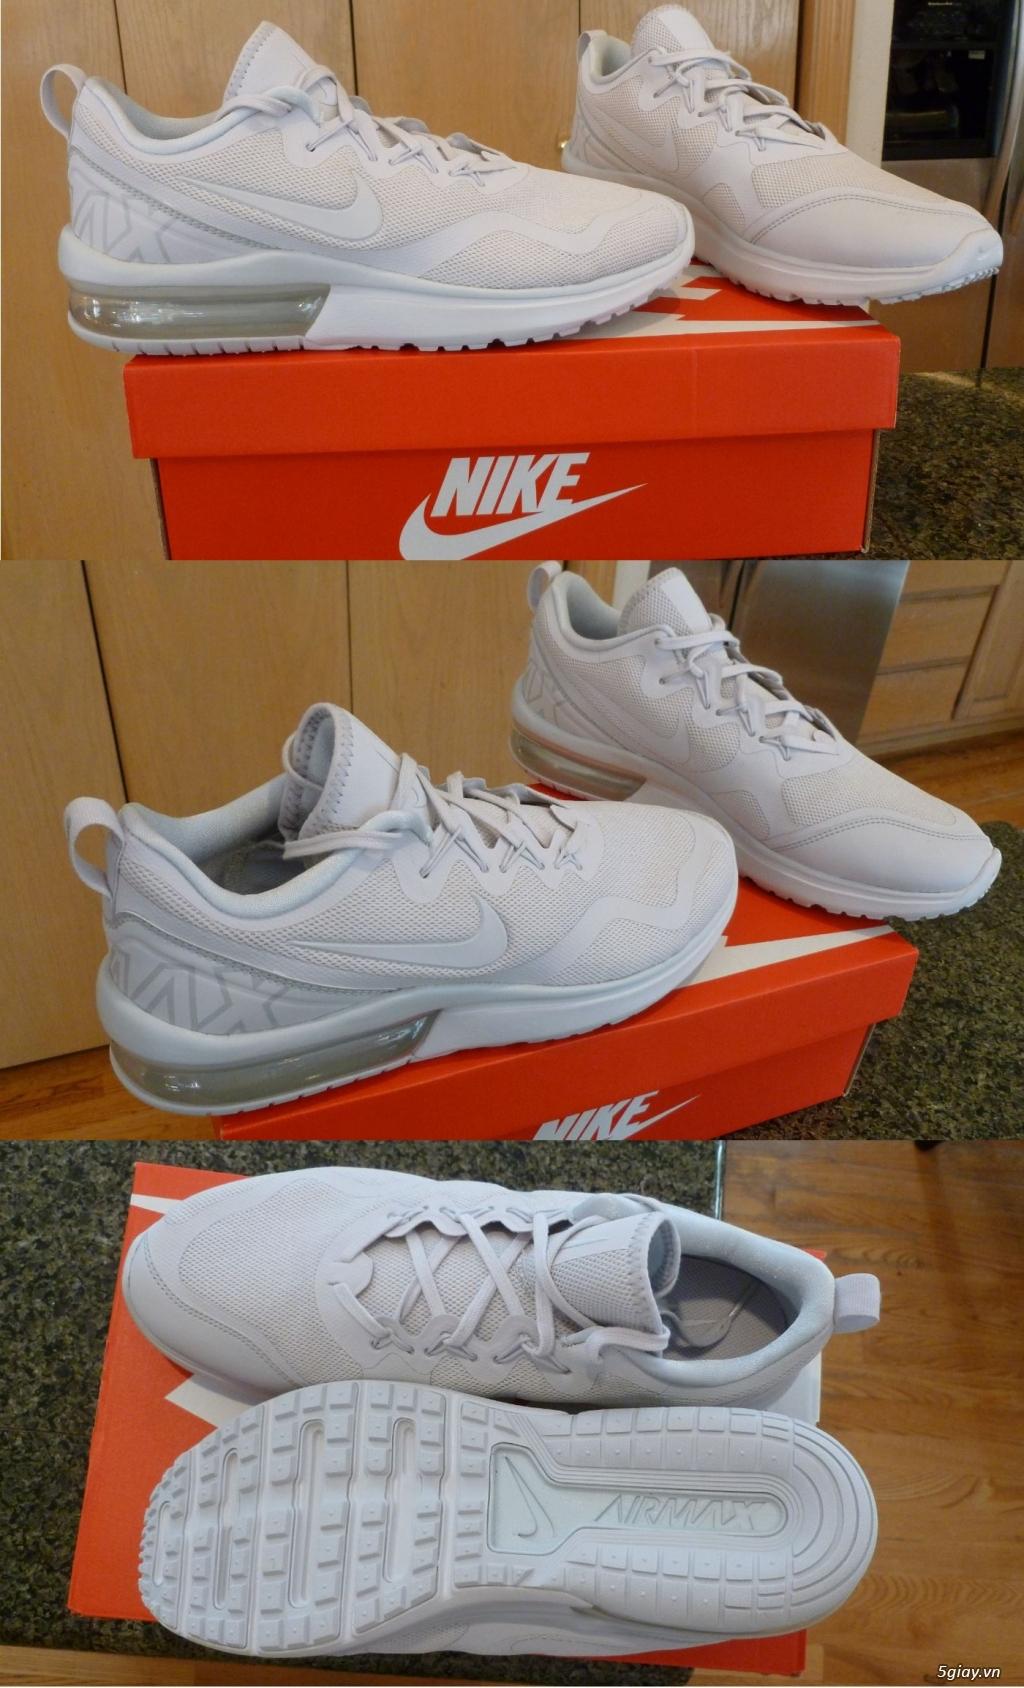 Mình xách/gửi giày Nike, Skechers, Reebok, Polo, Converse, v.v. từ Mỹ. - 2